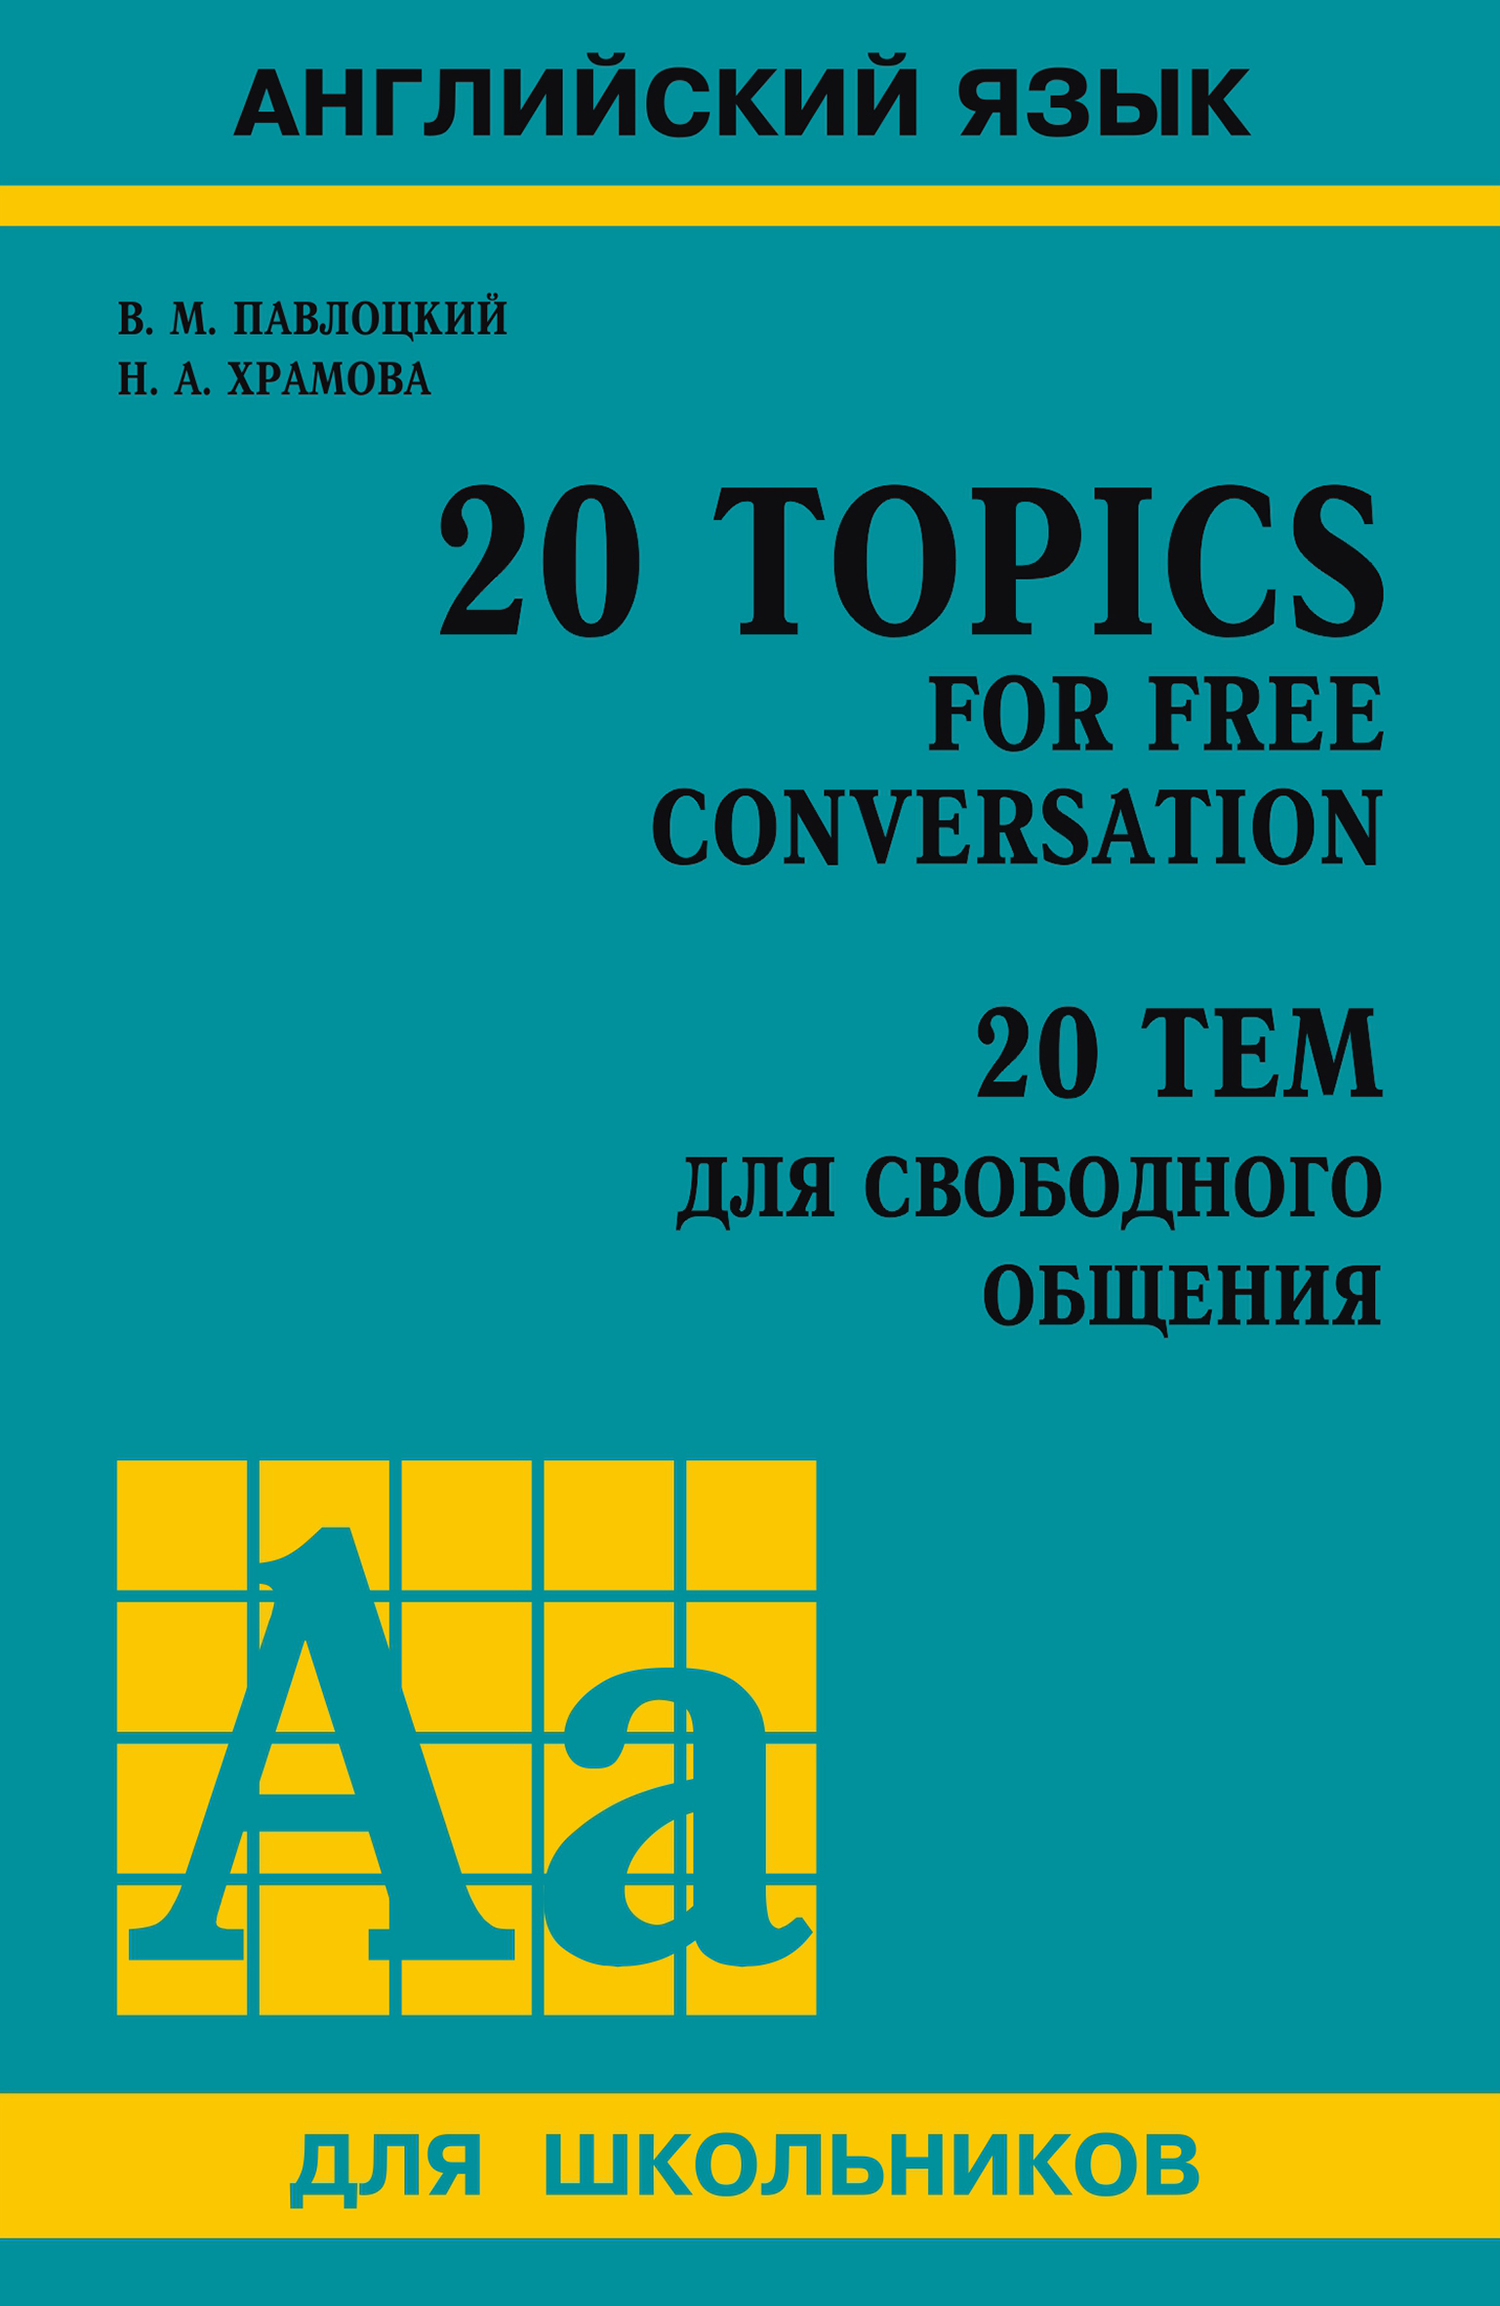 20 тем для свободного общения / 20 Topics for Free Conversation